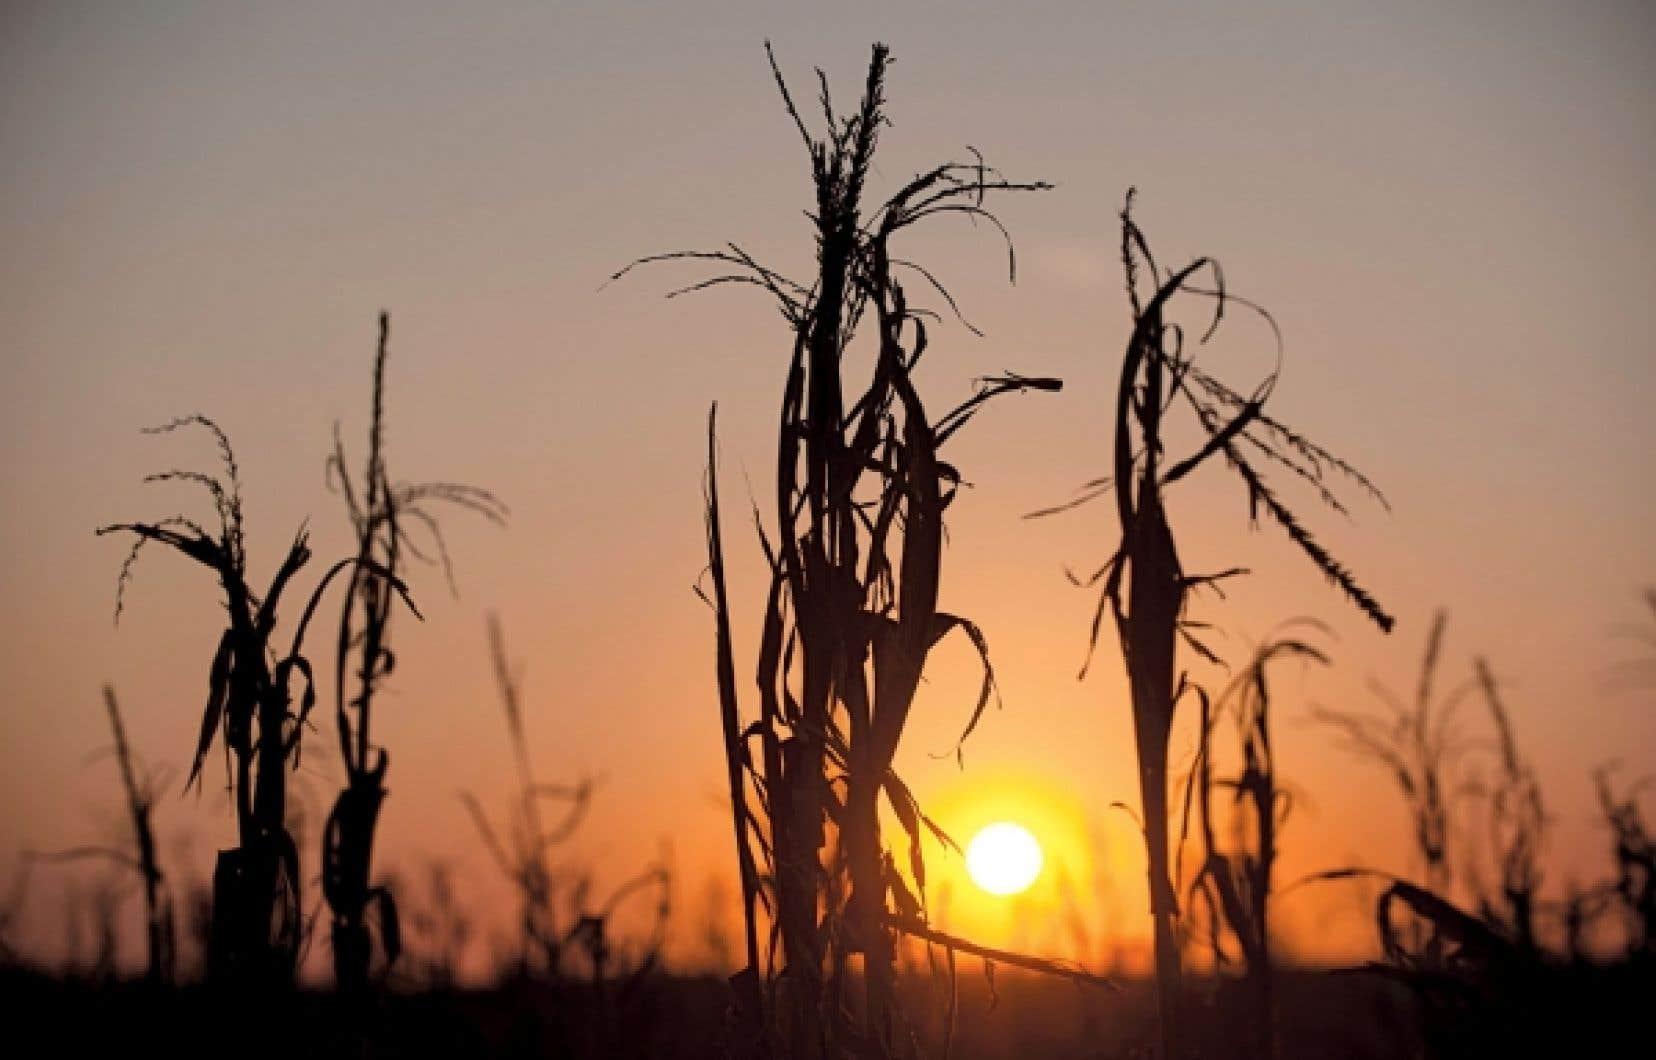 La Banque mondiale rapportait la semaine dernière que les prix alimentaires mondiaux ont augmenté de 10 % seulement au cours du petit mois allant de juin à juillet. Cette hausse, principalement attribuée à des sécheresses aux États-Unis ainsi que dans d'autres grands pays producteurs d'Europe de l'Est, comme la Russie et l'Ukraine, a atteint 25 % pour le blé, 17 % pour le soja et 25 % pour le maïs.